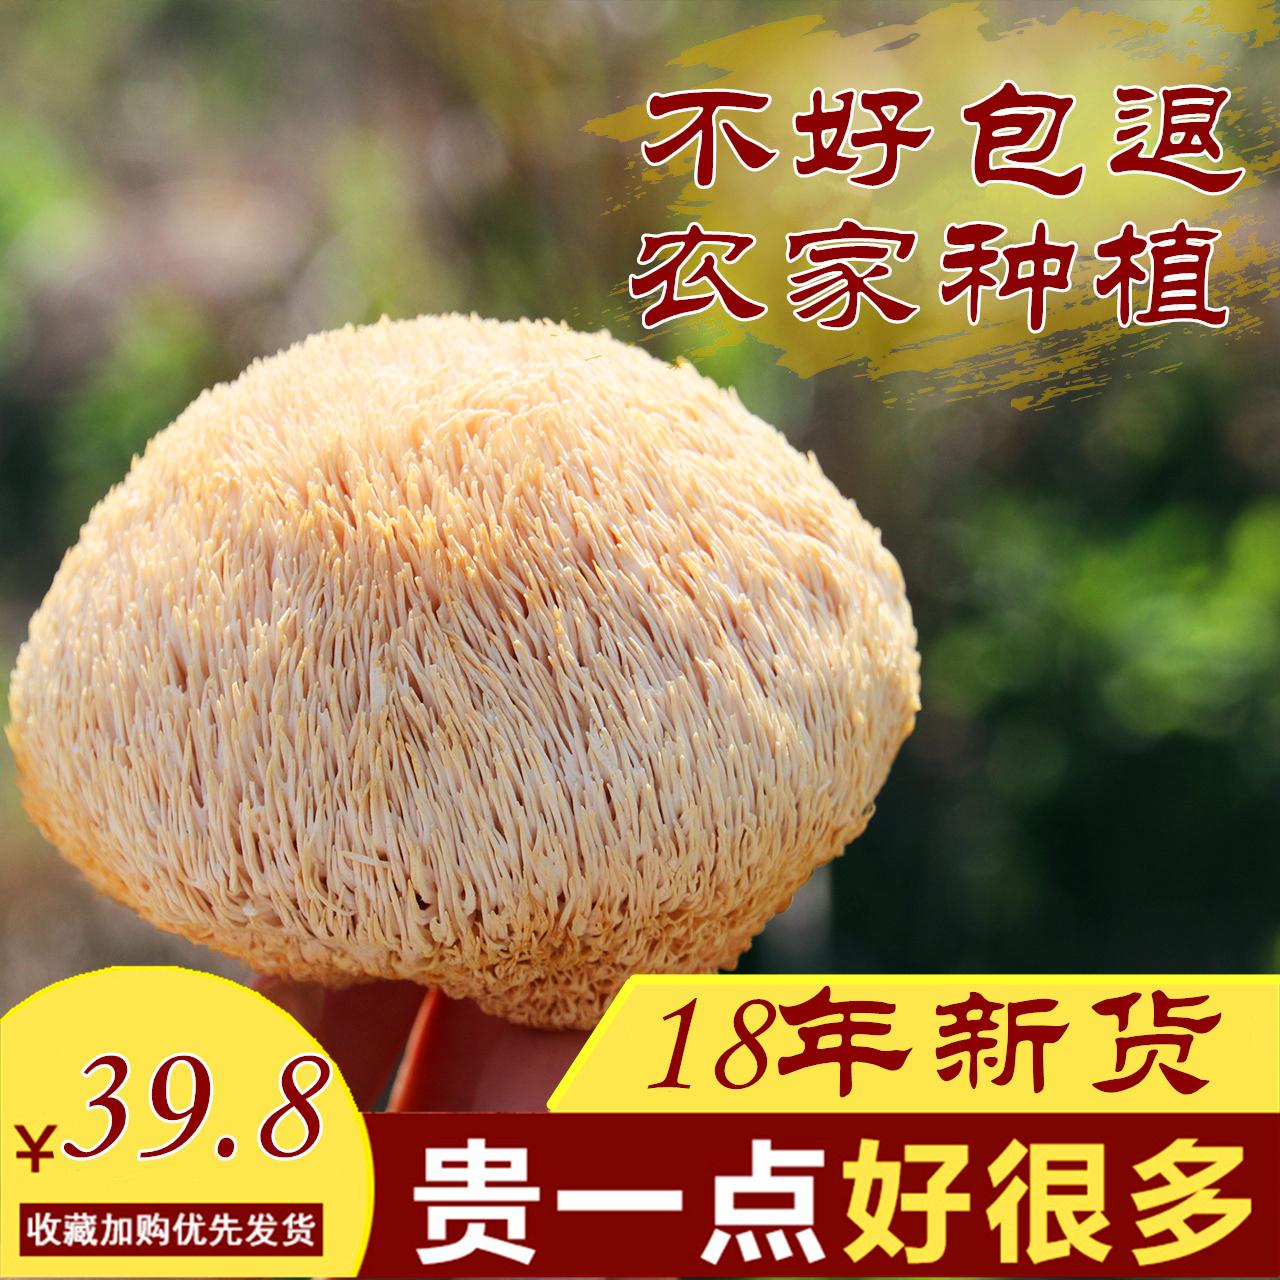 猴头菇 农家自产野生猴头菇干货新非新鲜特级养胃粉250g